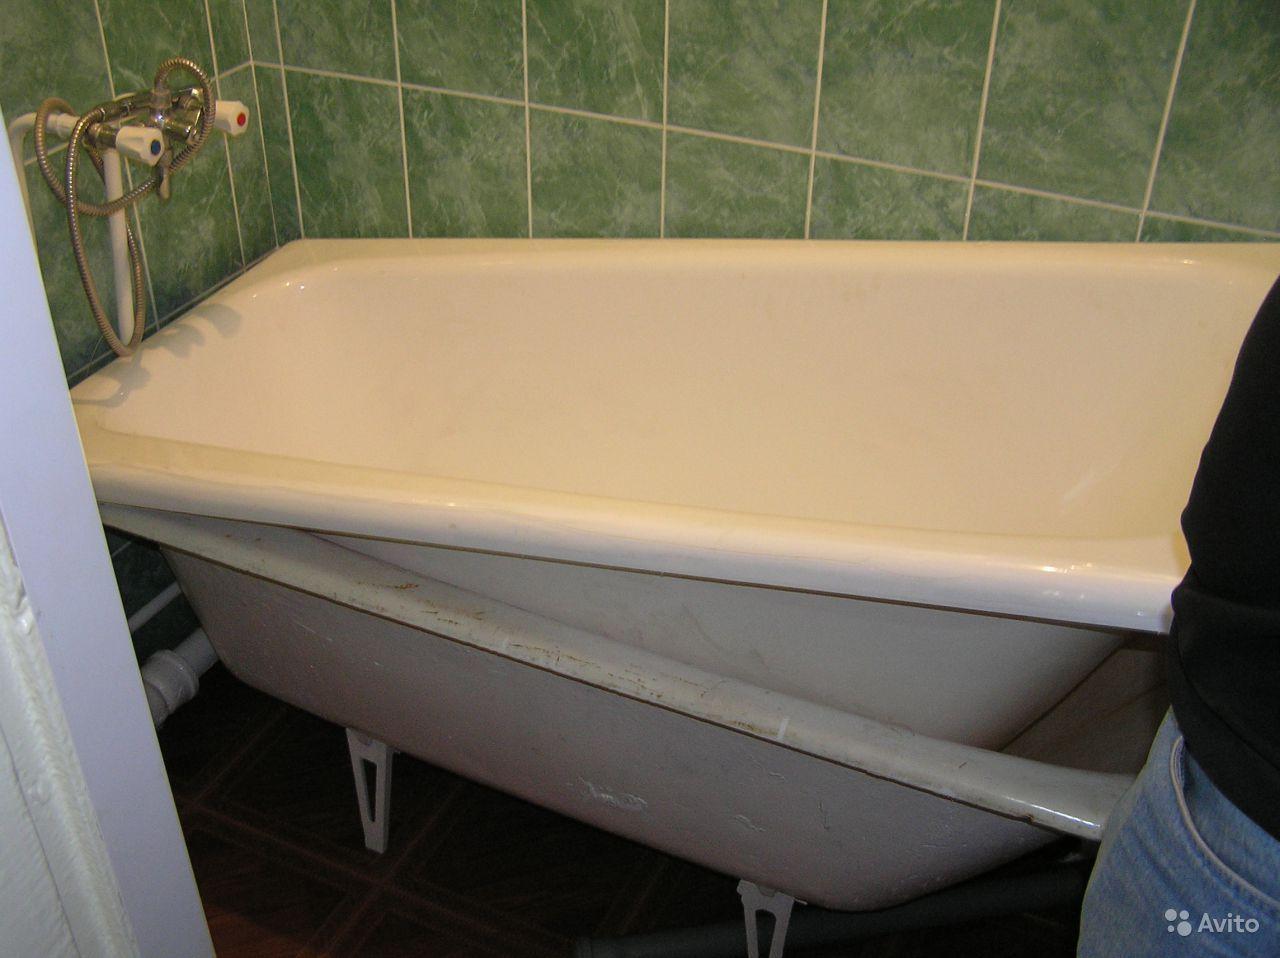 Сколько стоит реставрация акриловой ванны